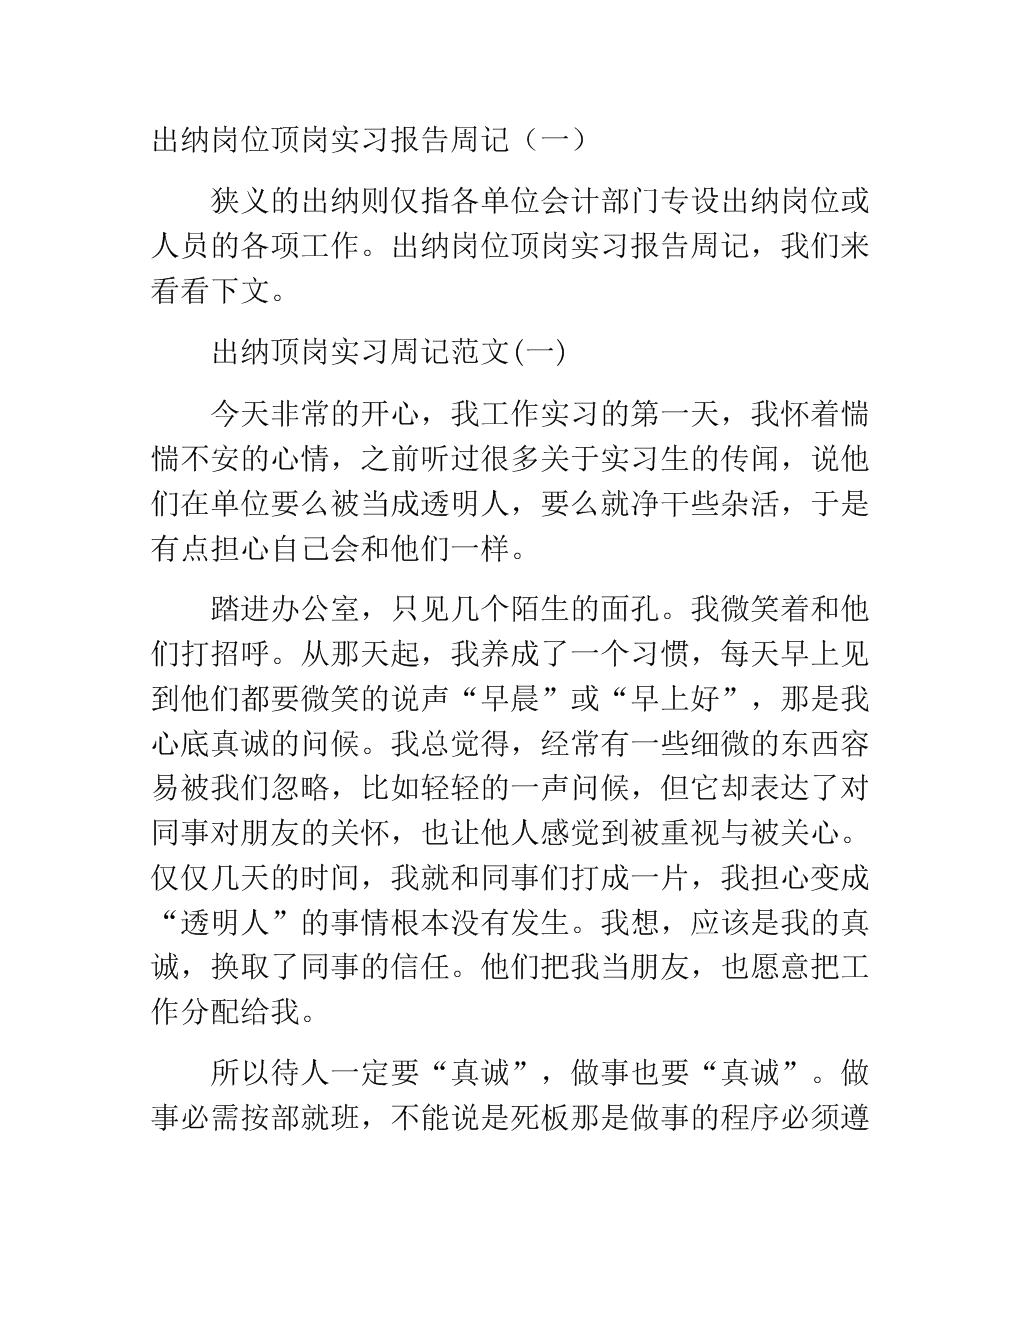 出纳实周记_出纳岗位顶岗实习报告周记(二).docx